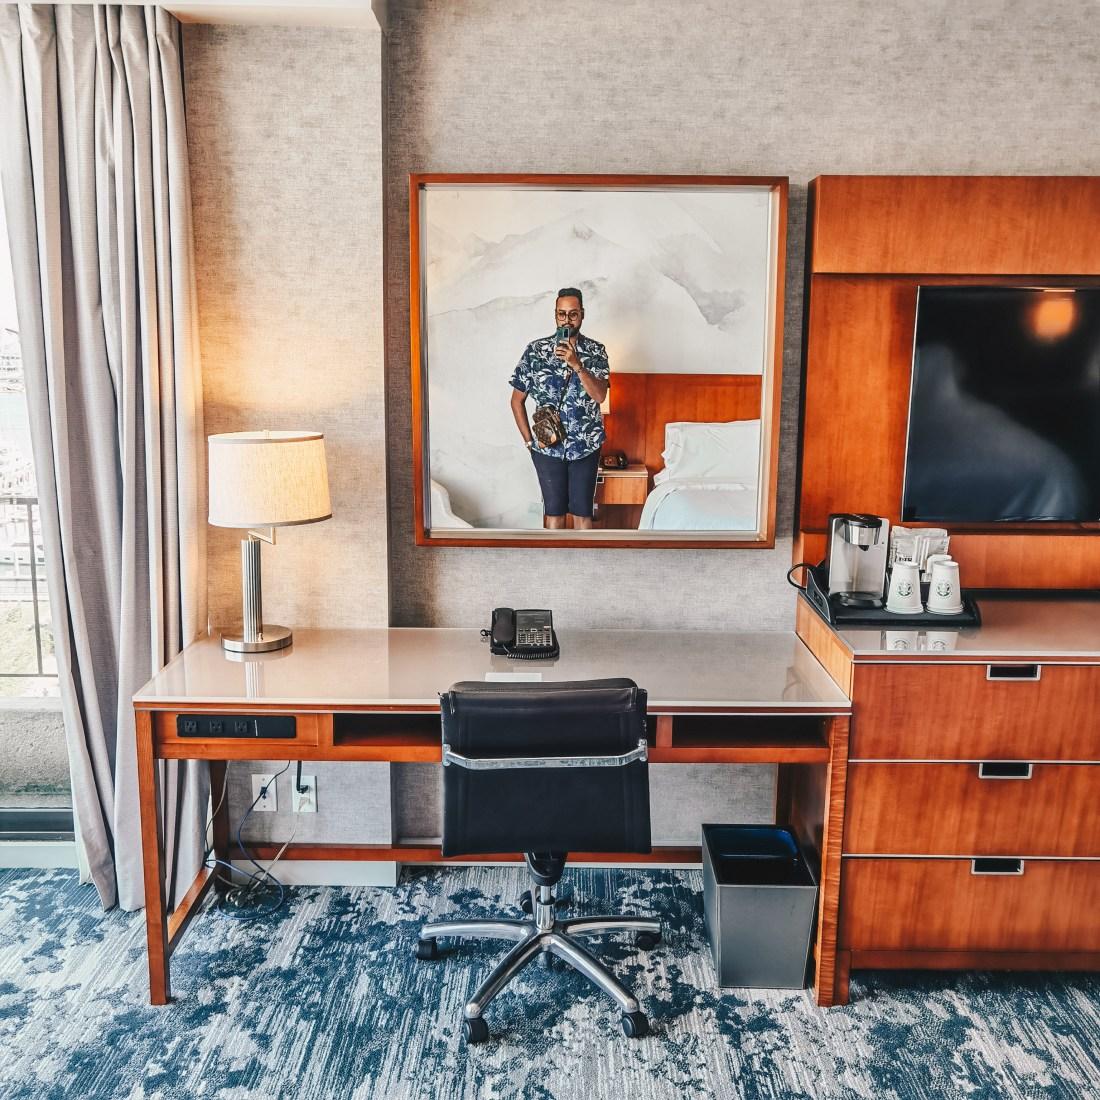 Westin Bayshore Vancouver Waterfront - Room Aesthetics